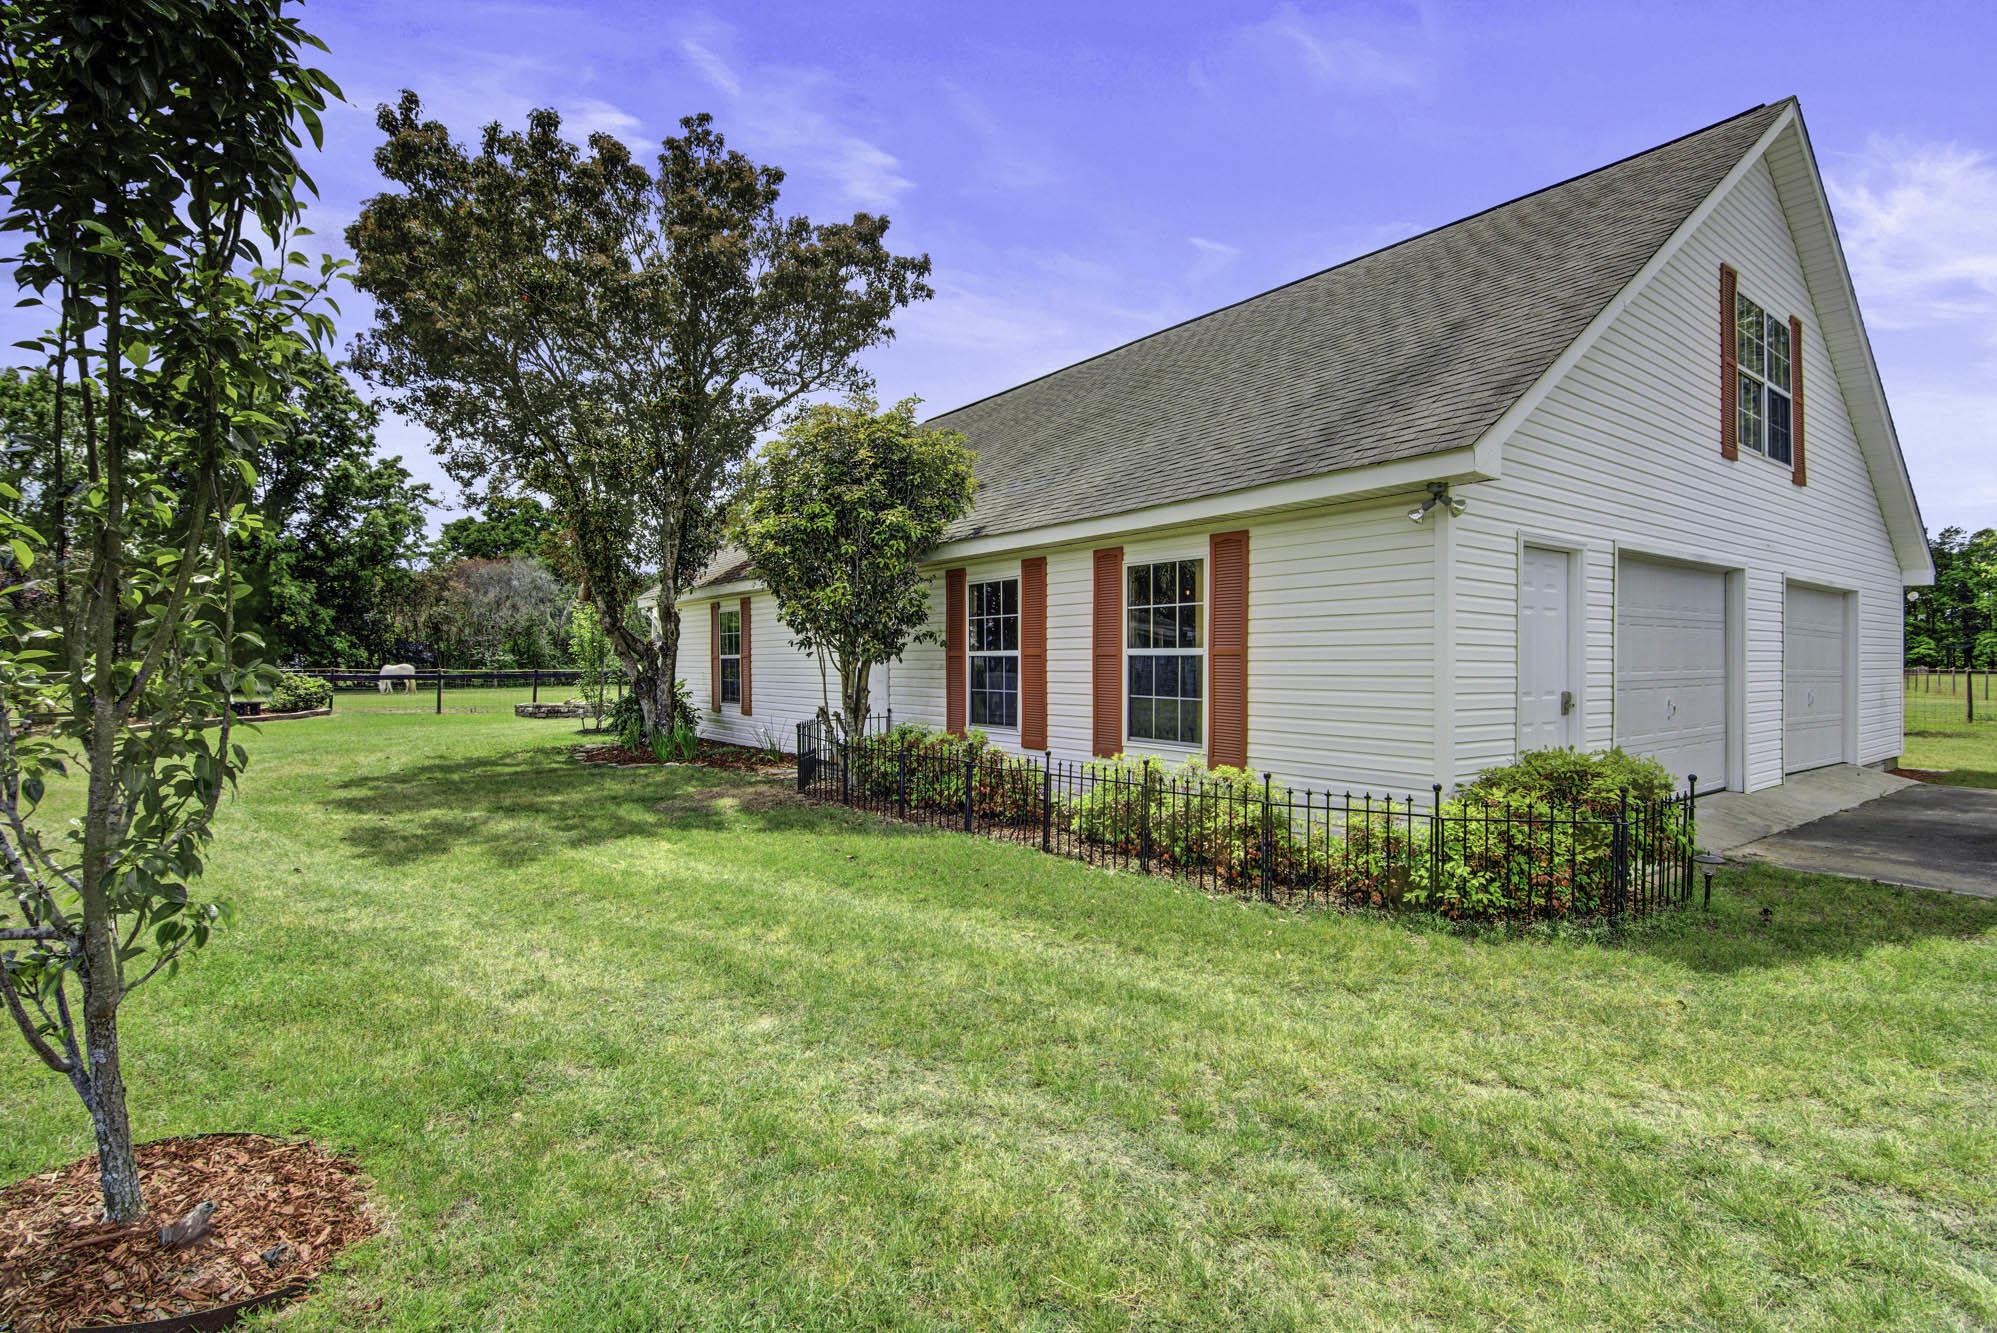 Walton Grove Homes For Sale - 119 Walton Grove, Summerville, SC - 41